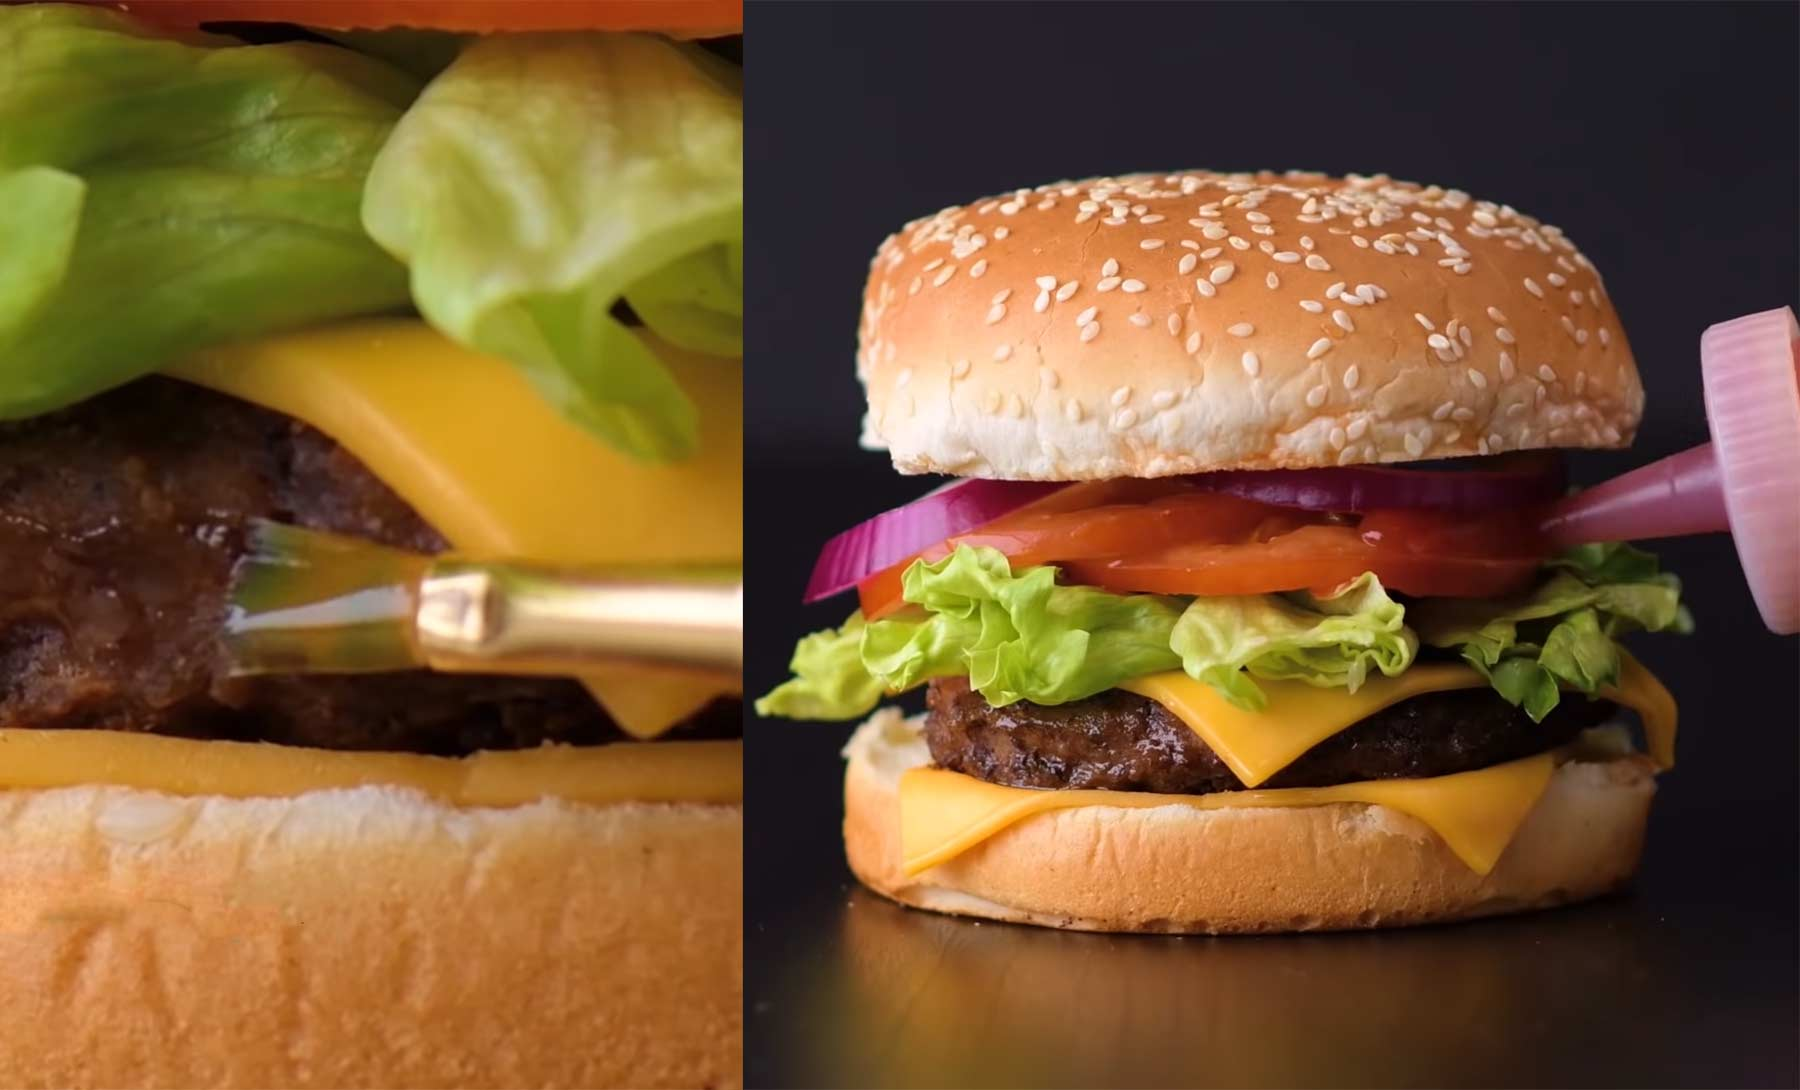 So werden Lebensmittel in der Werbung als leckerer Foodporn inszeniert